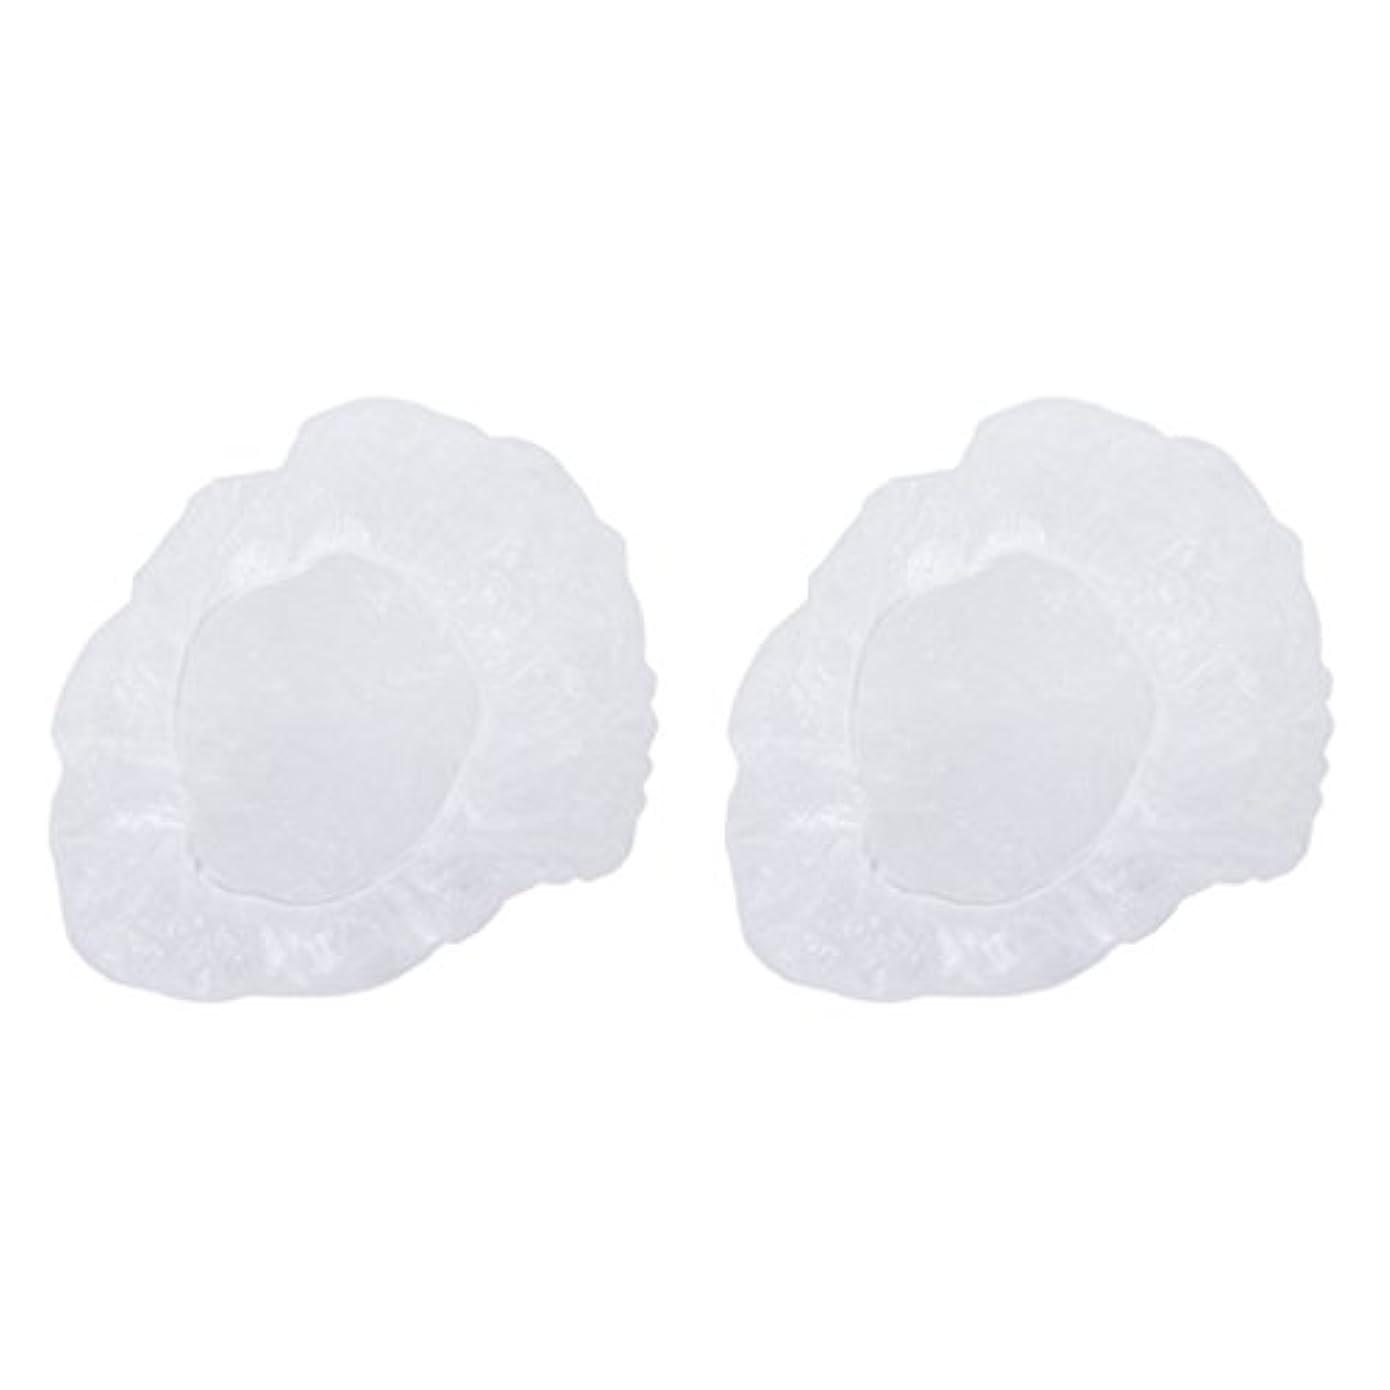 故障支援するクックポリエチレン シャワーキャップ カバー 使い捨て プラスチック製 シャンプーハット 透明 200枚